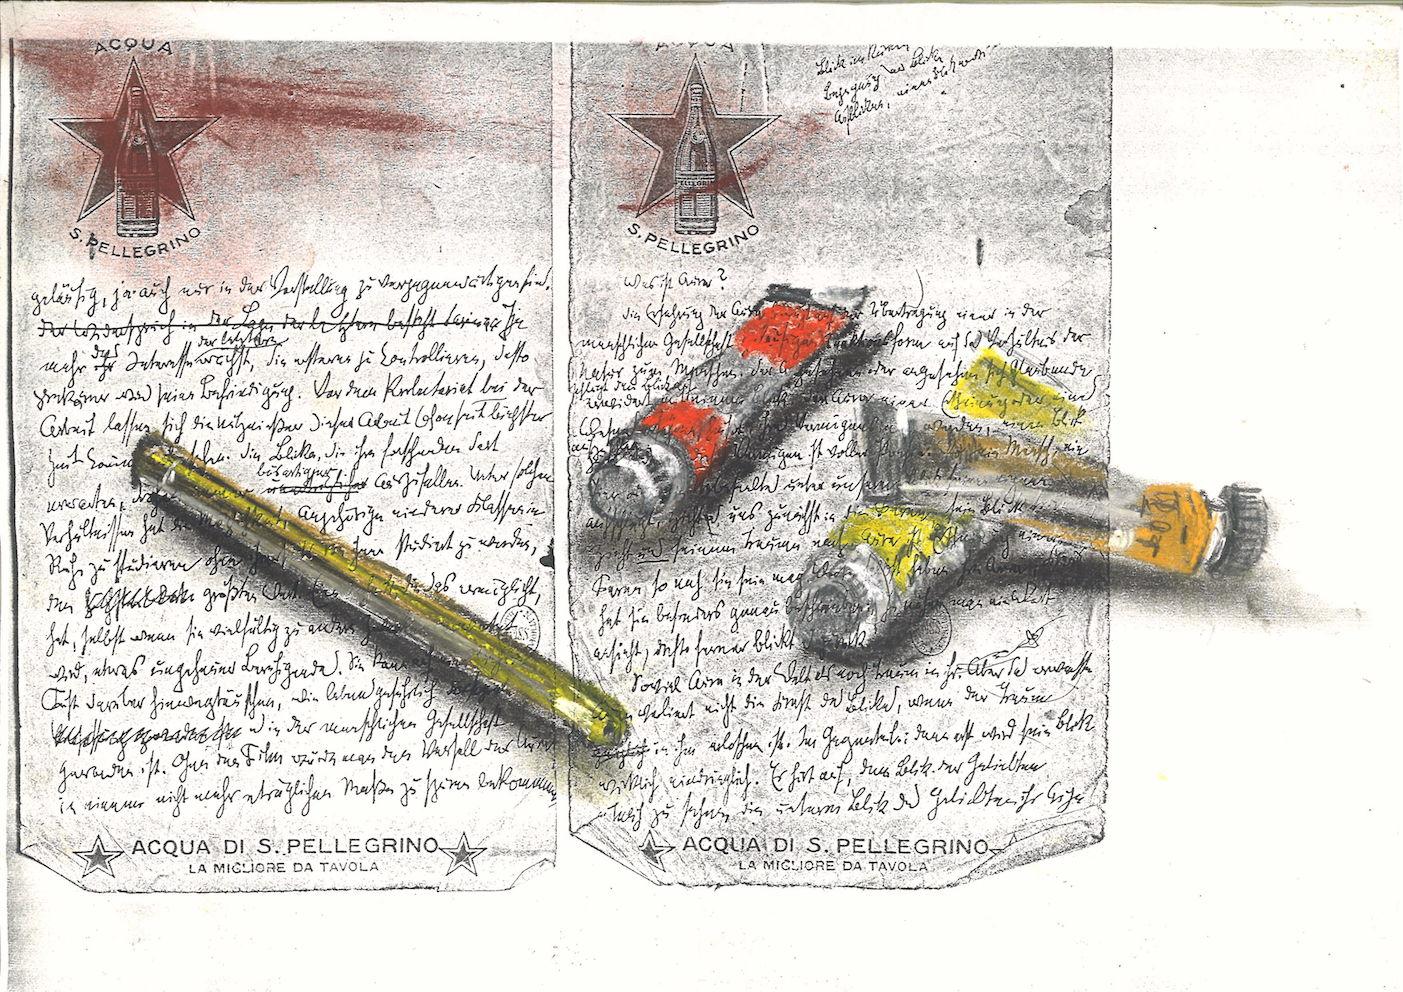 Nello spazio della scrittura, astuccio e tubetti su fotocopia di manoscritto di Walter Benjamin, 2018, pastello, 21x30